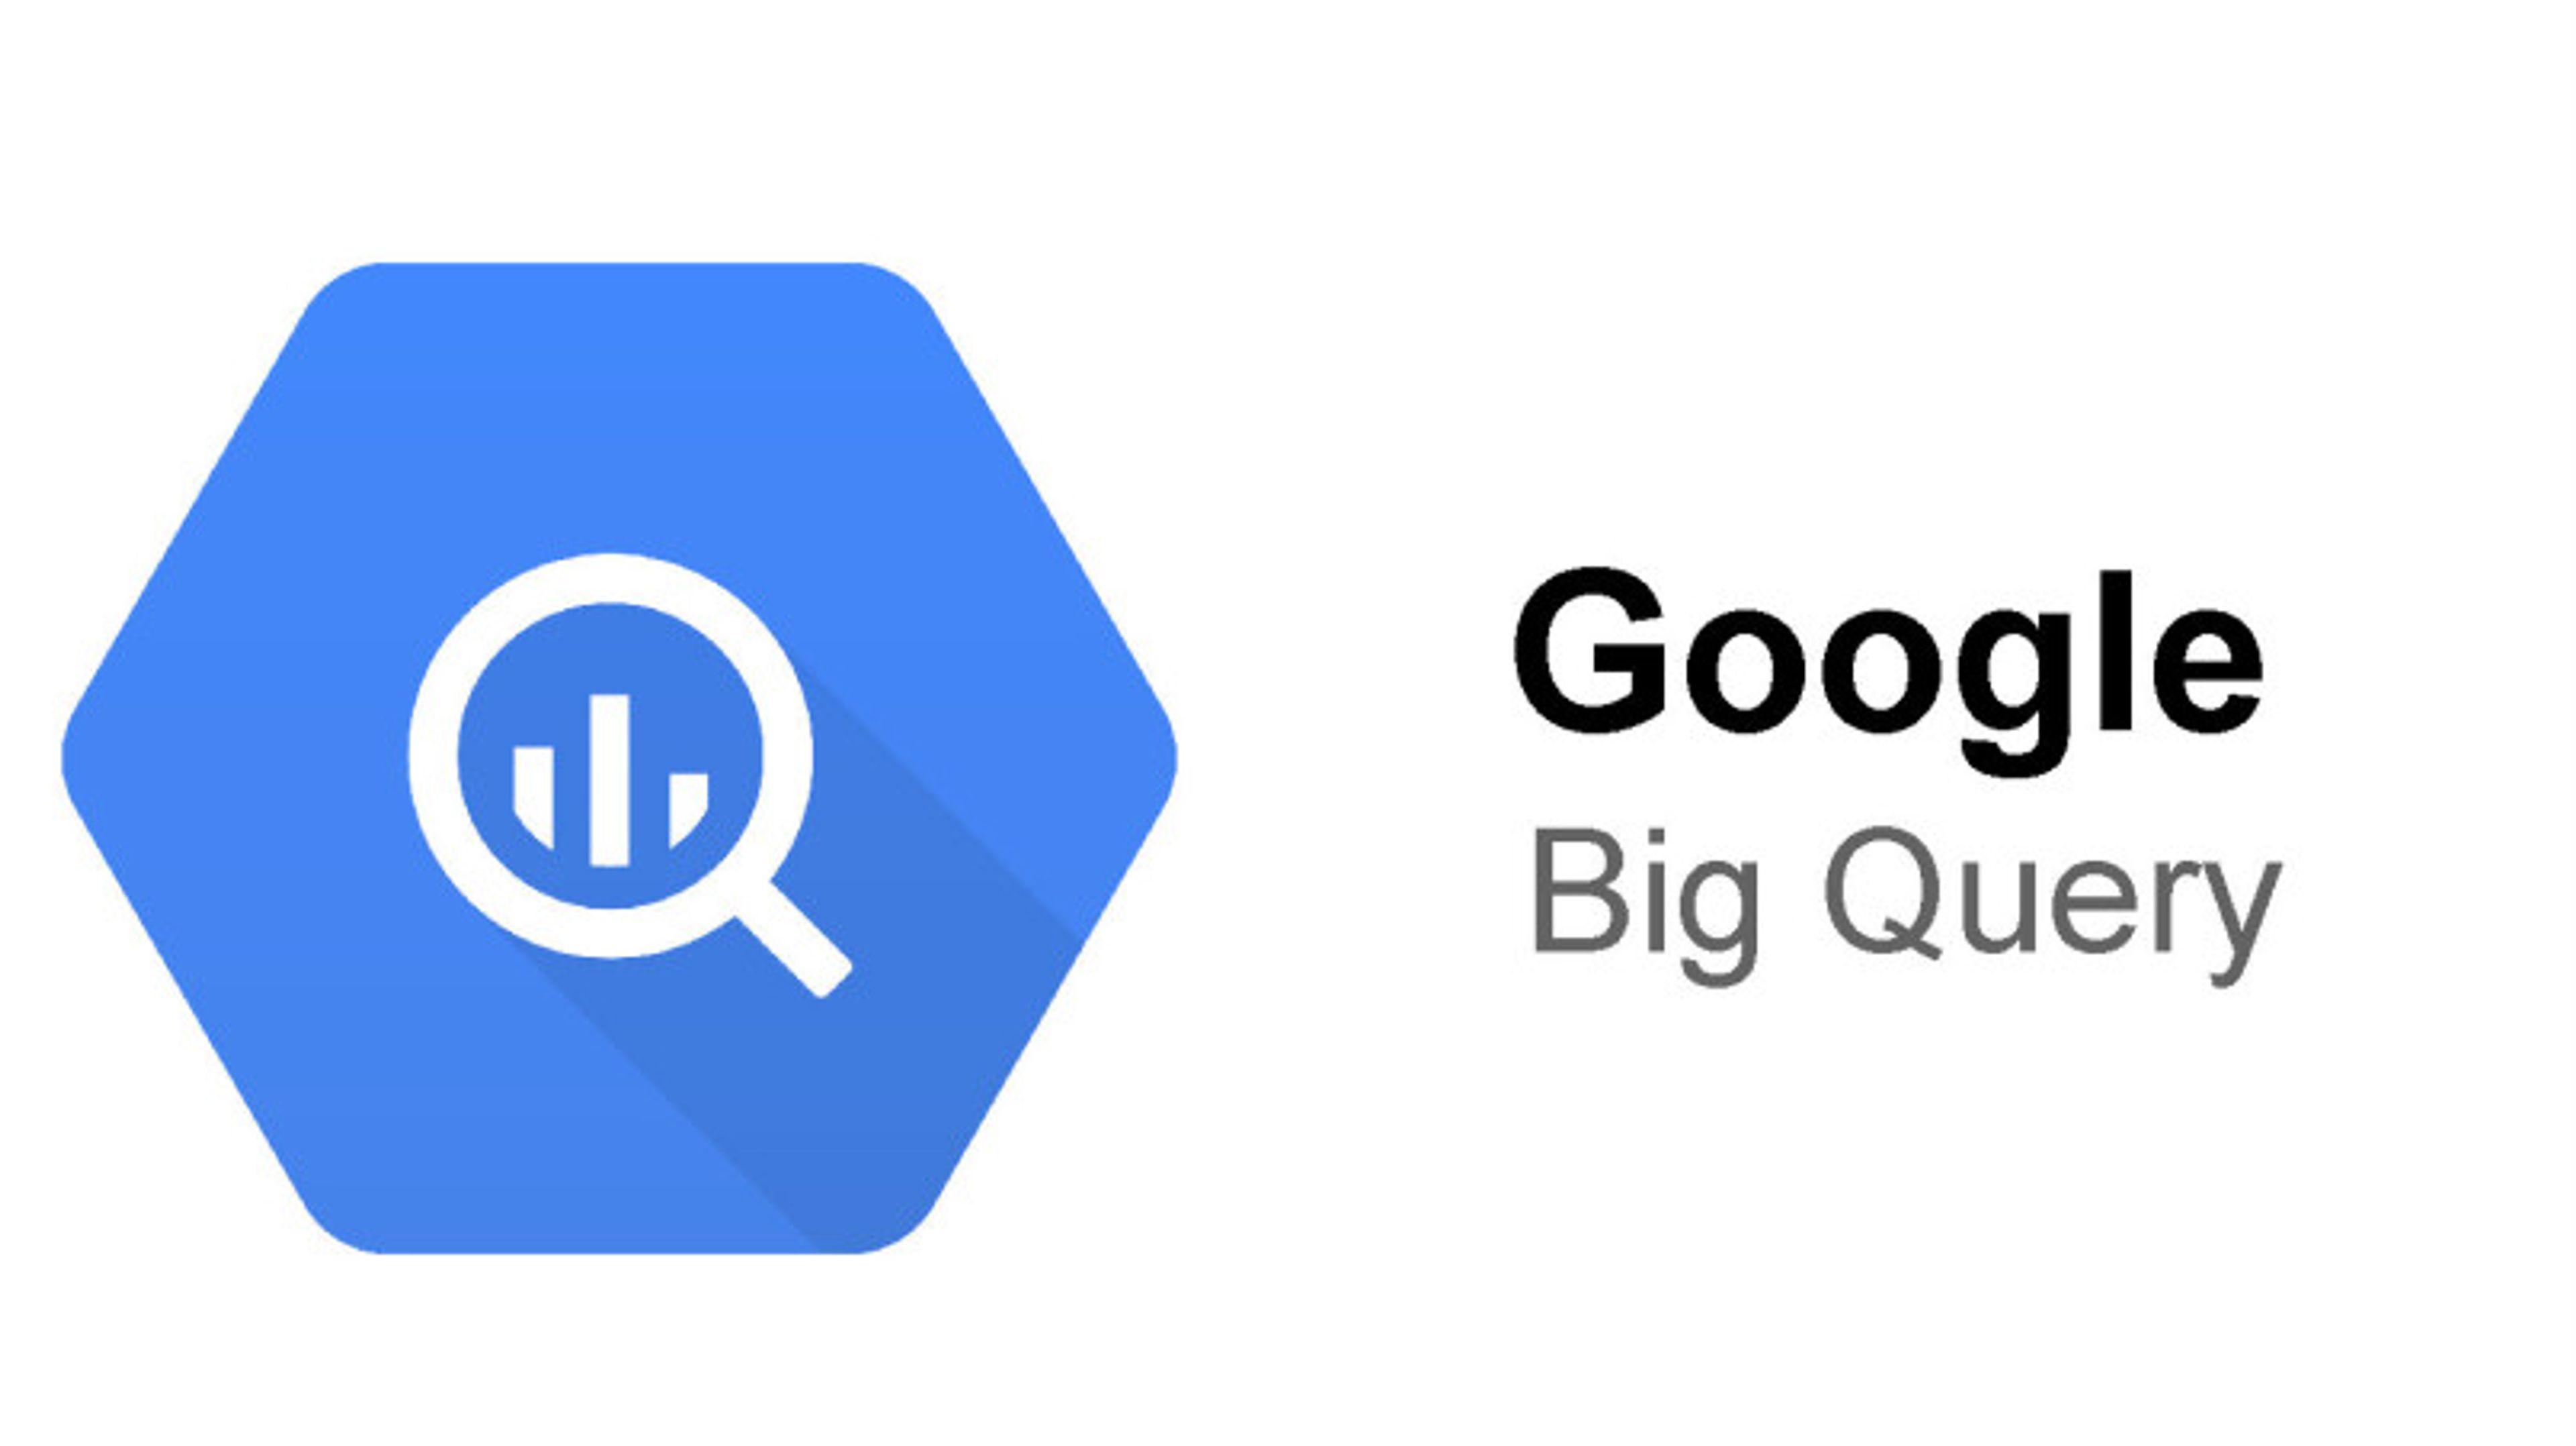 Google Big Query est l'équivalent Snowflake chez GCP